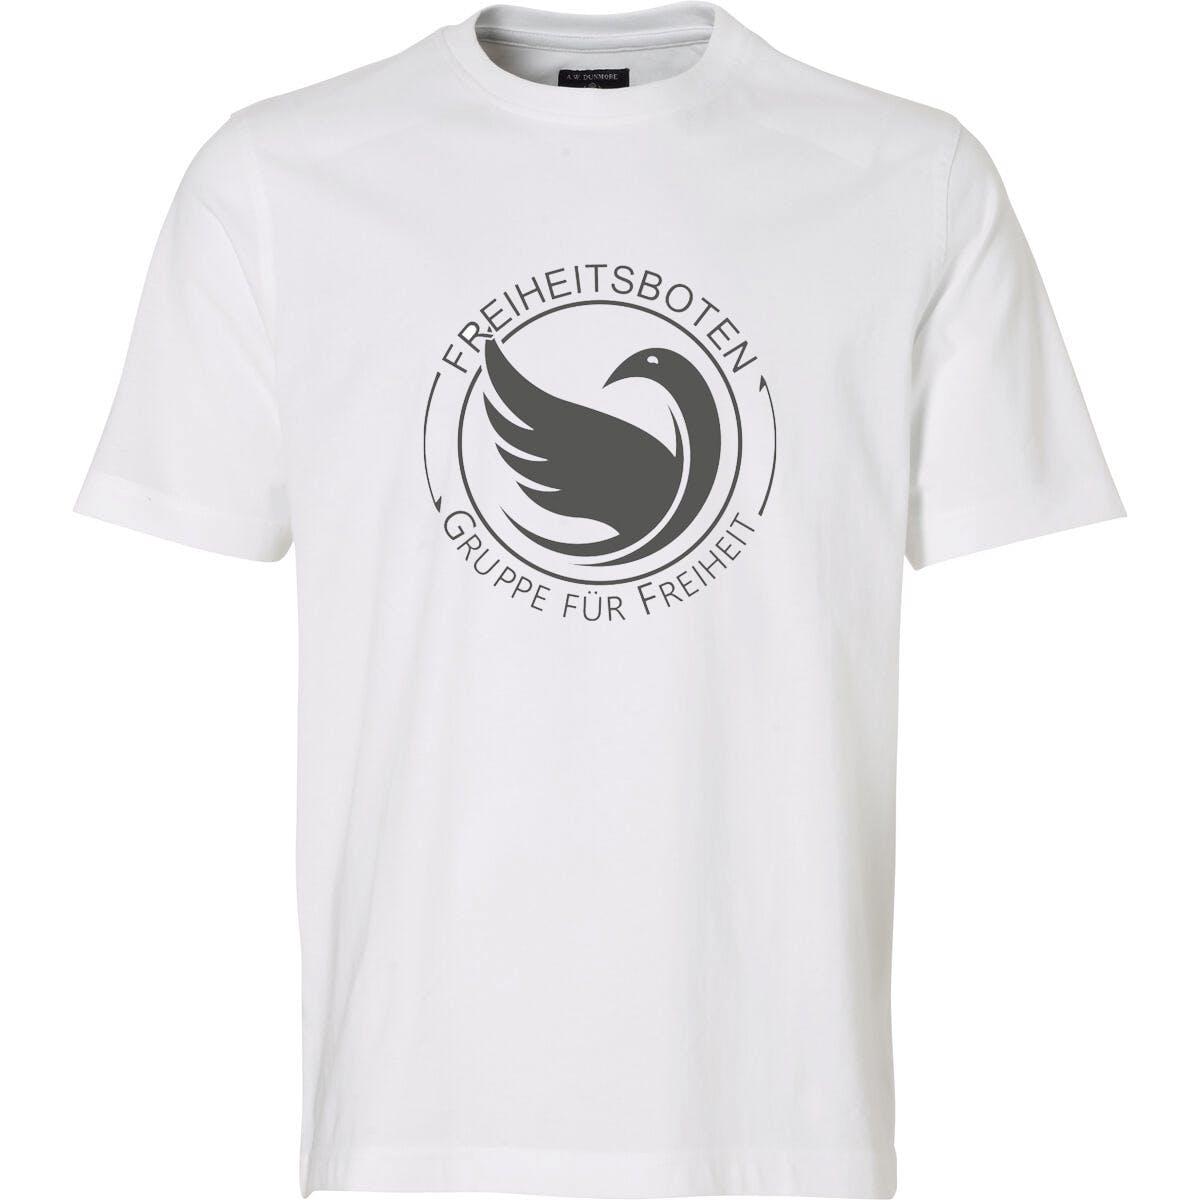 T-Shirt: Freiheitsboten - Gruppe für Freiheit (weiß)